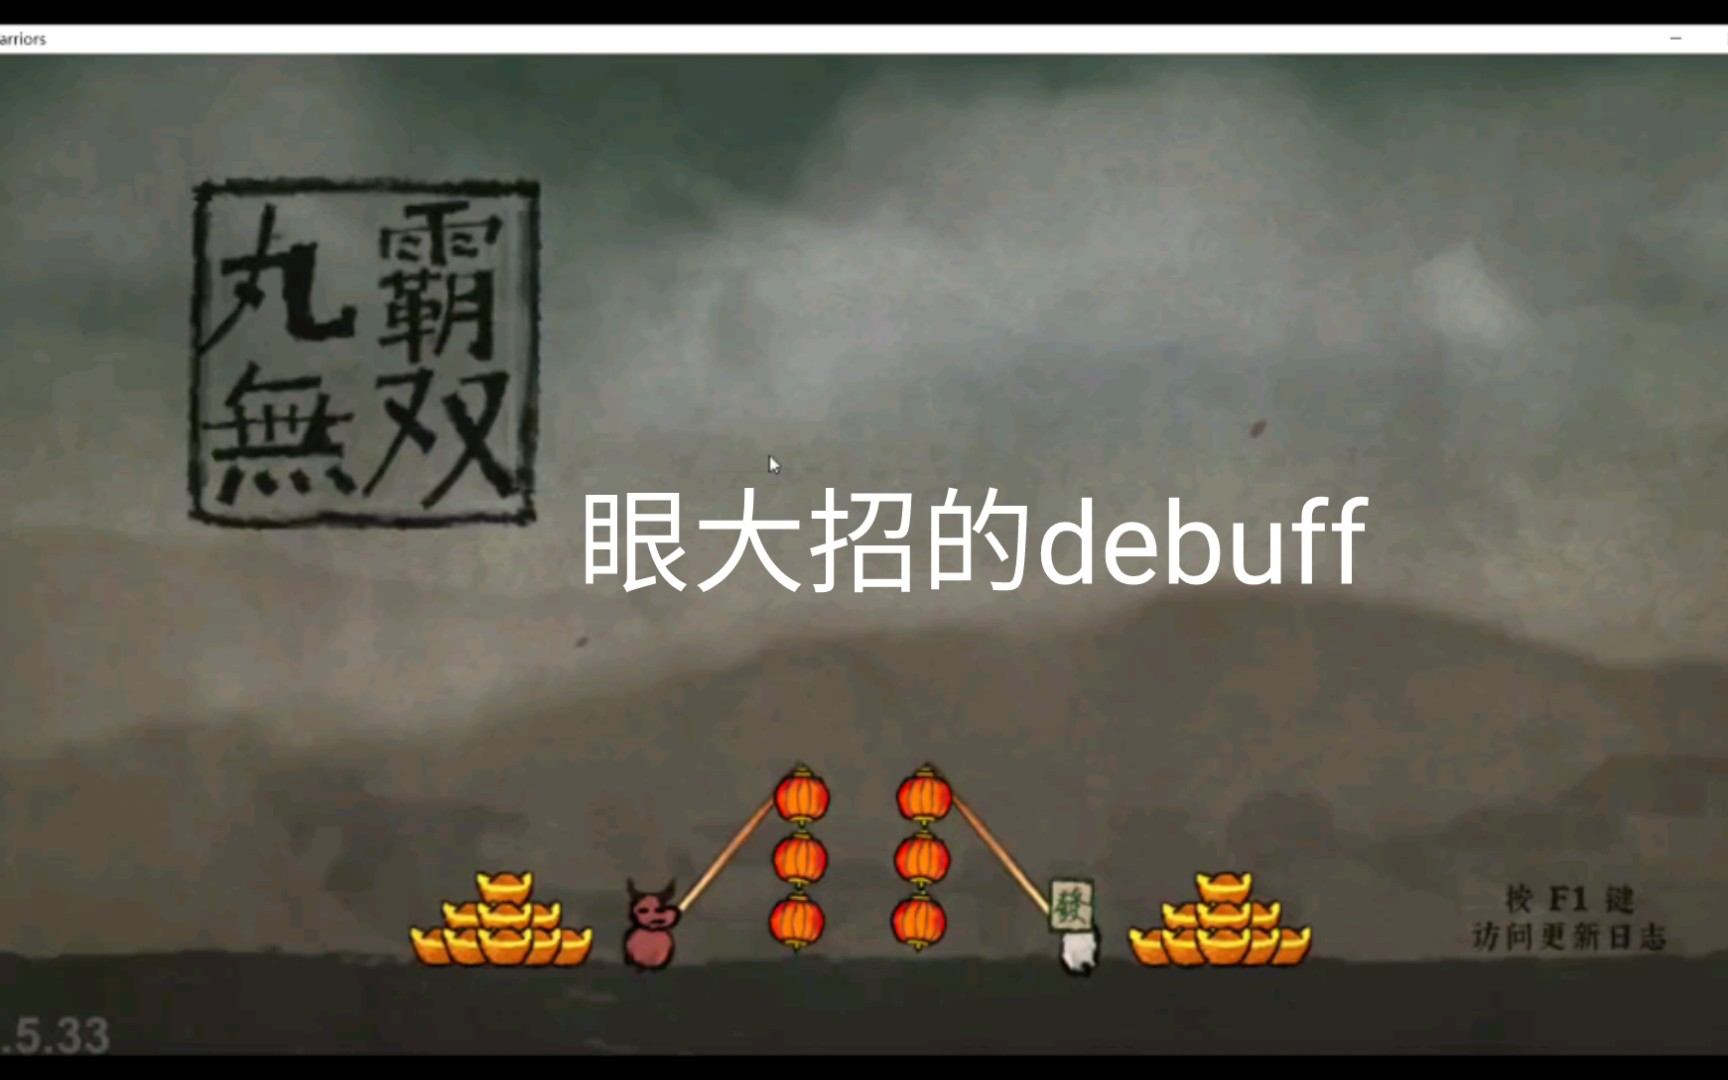 眼的11秒大招结束后的debuff《丸霸无双》体力条与晕倒状态相关。